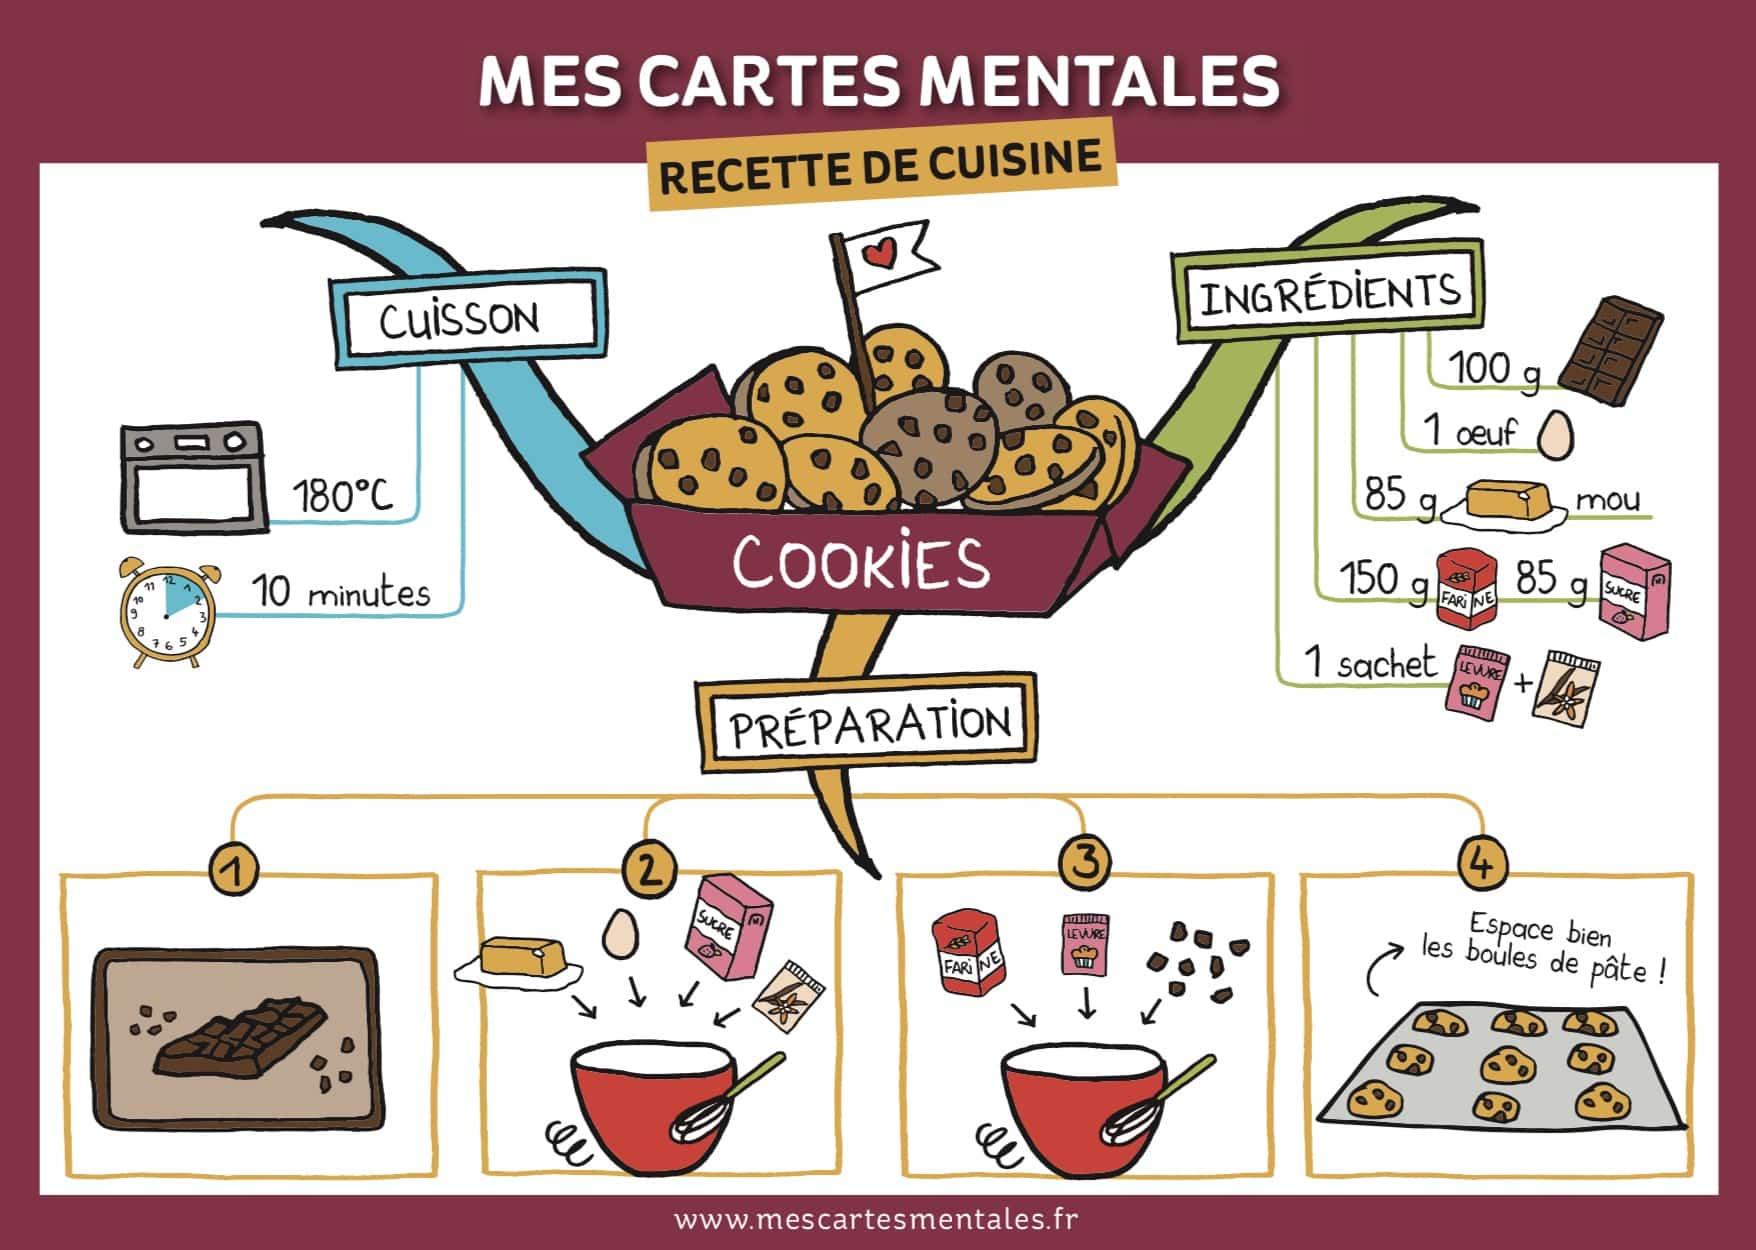 Recette des cookies en carte mentale